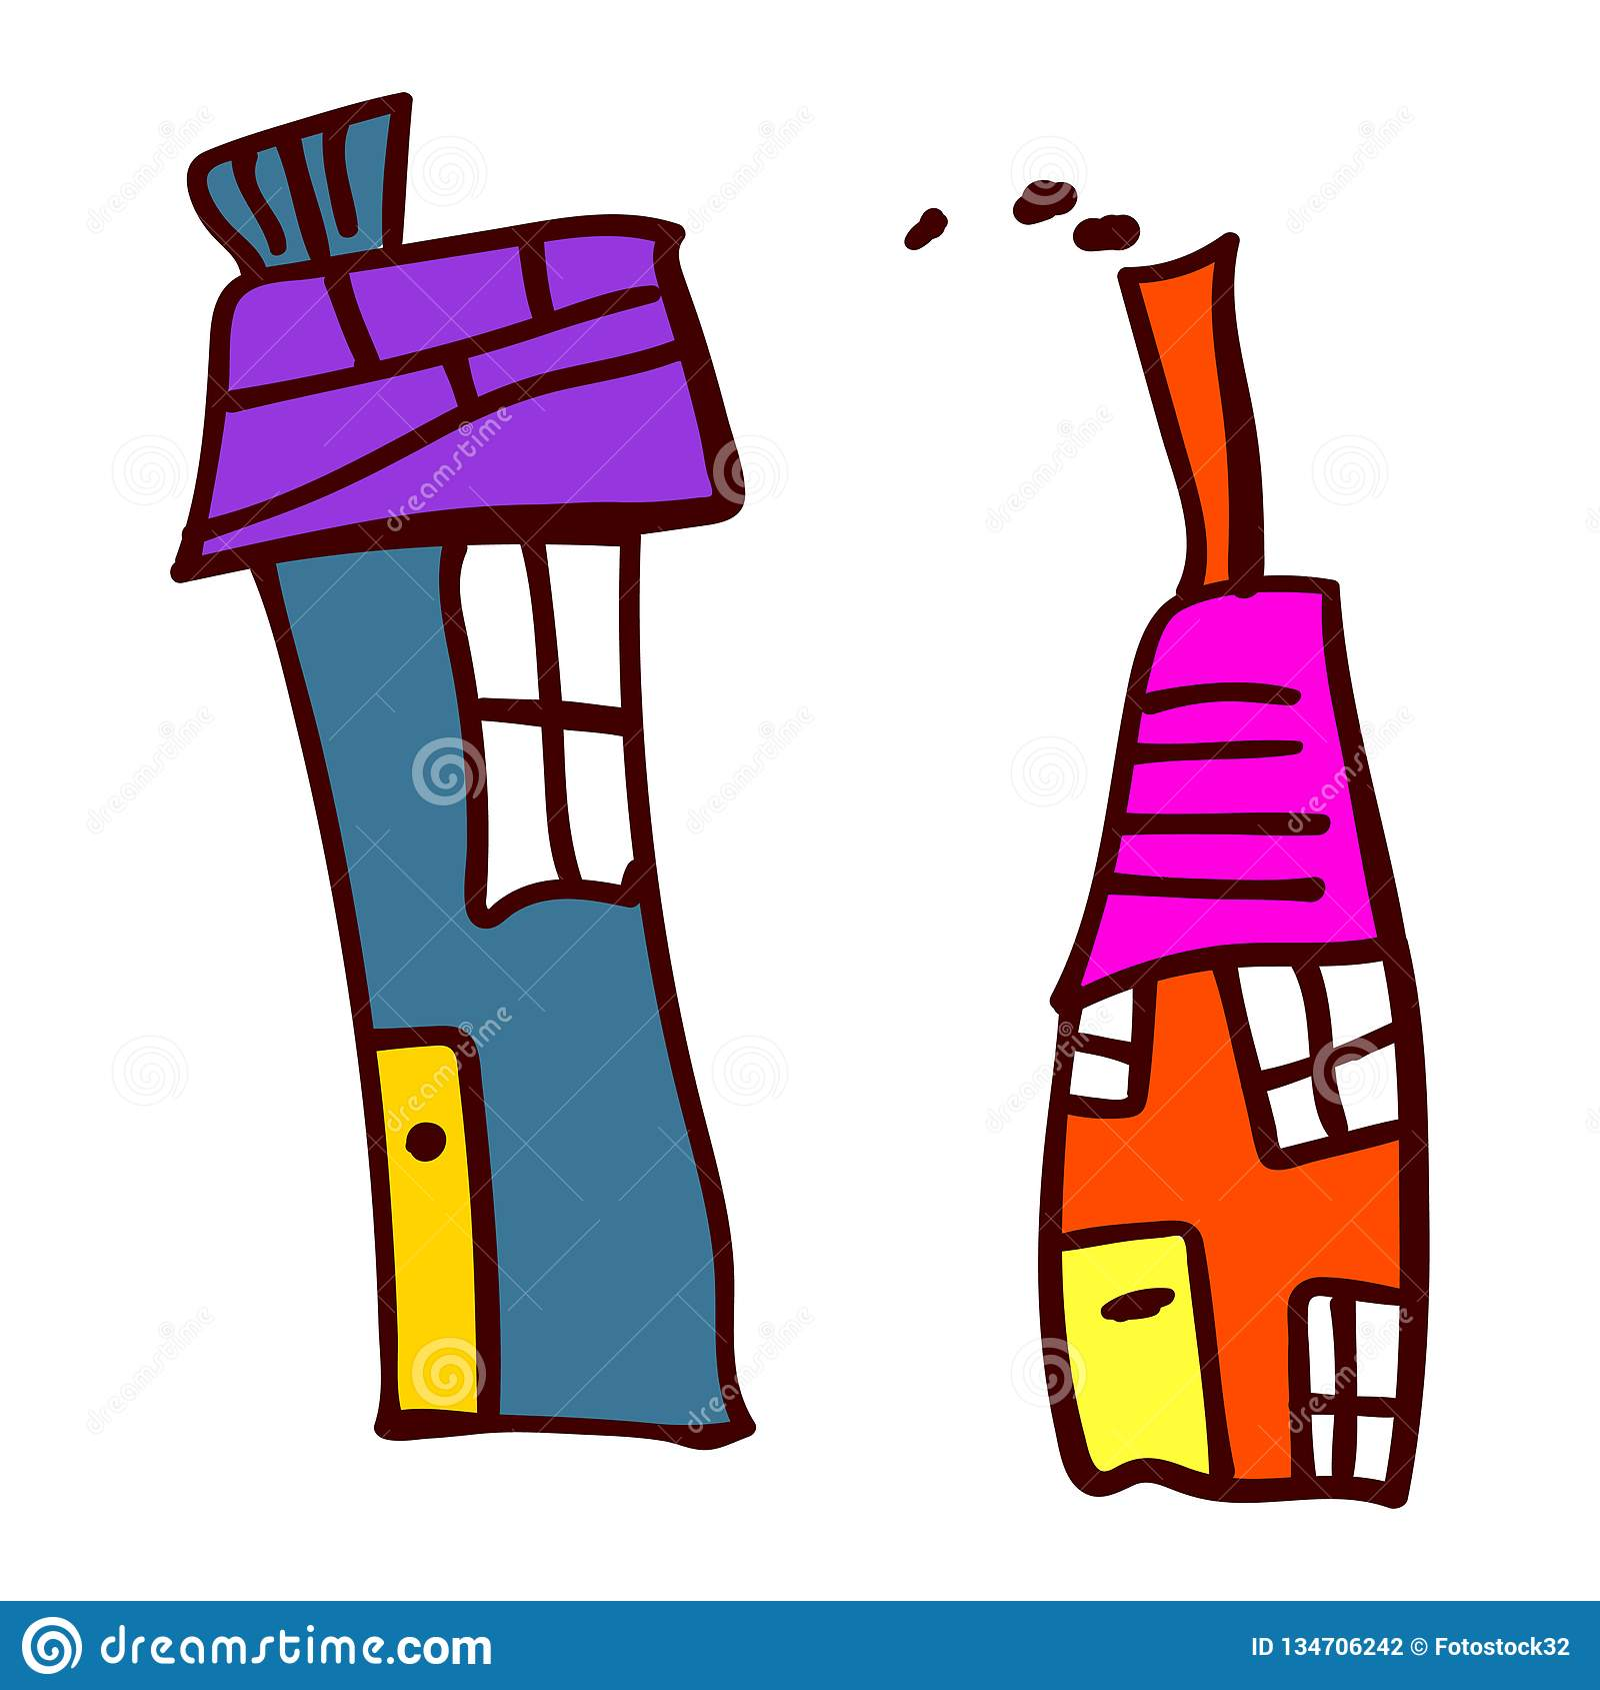 Huis twee in de stijl van de tekeningen van kinderen